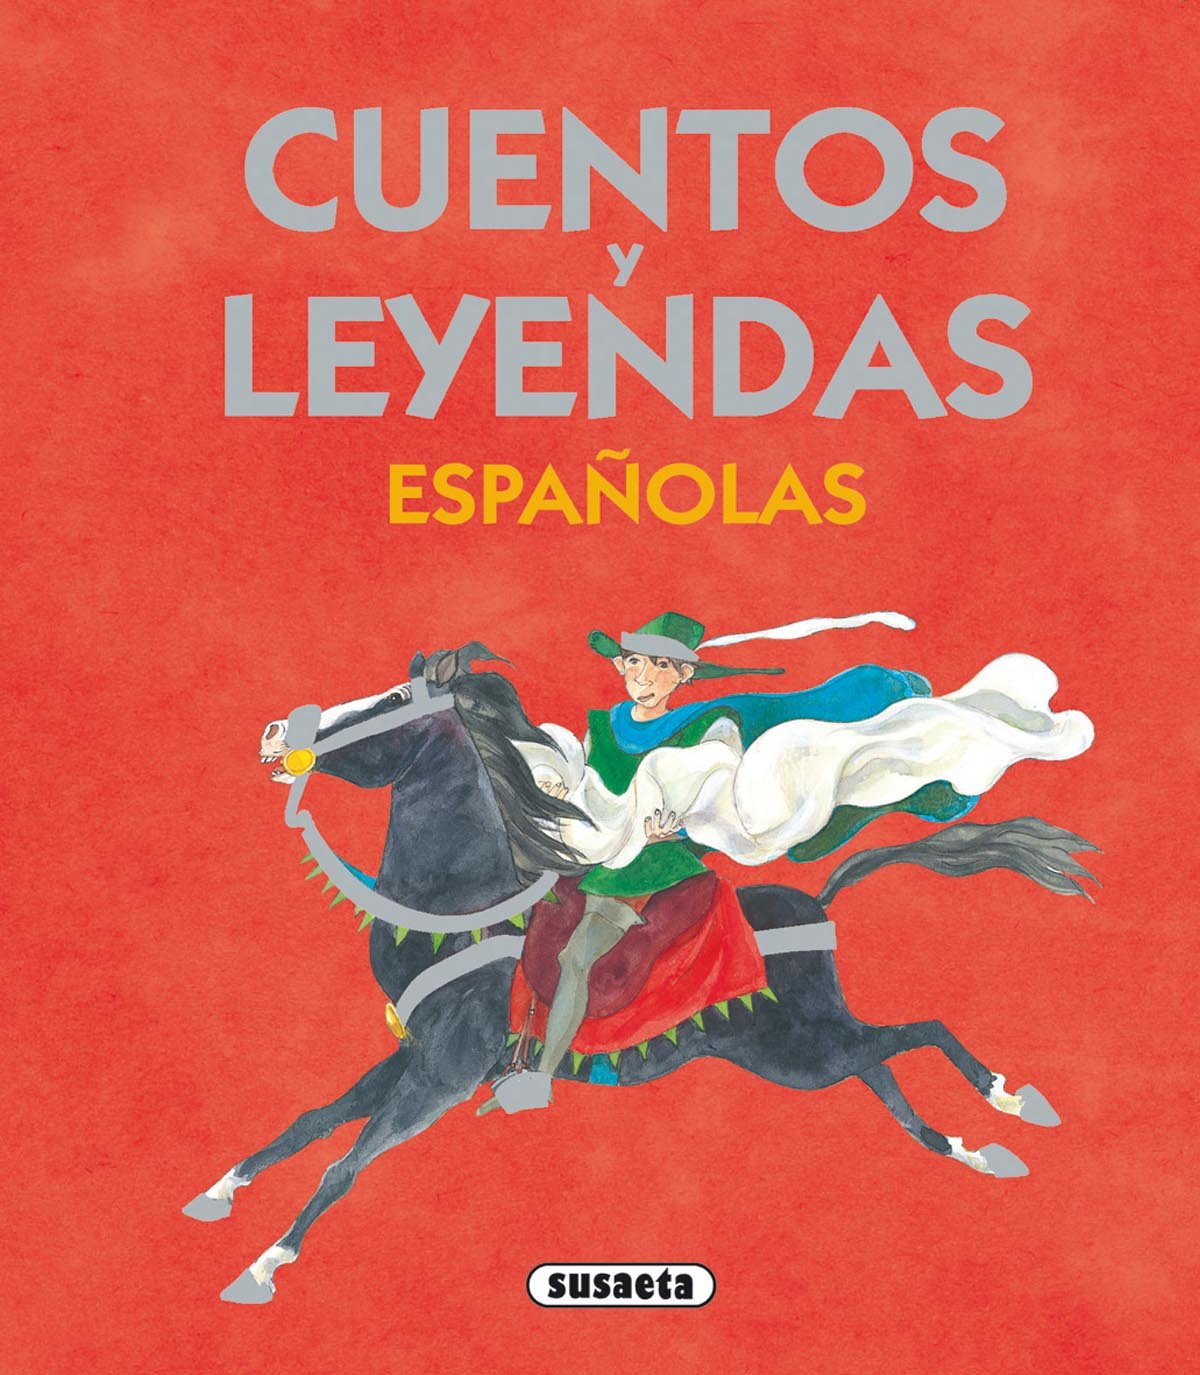 Cuentos Y Leyendas Españolas Baul De Las Historias El Baúl De Las Historias: Amazon.es: Susaeta, Equipo, Gabán, Jesús: Libros